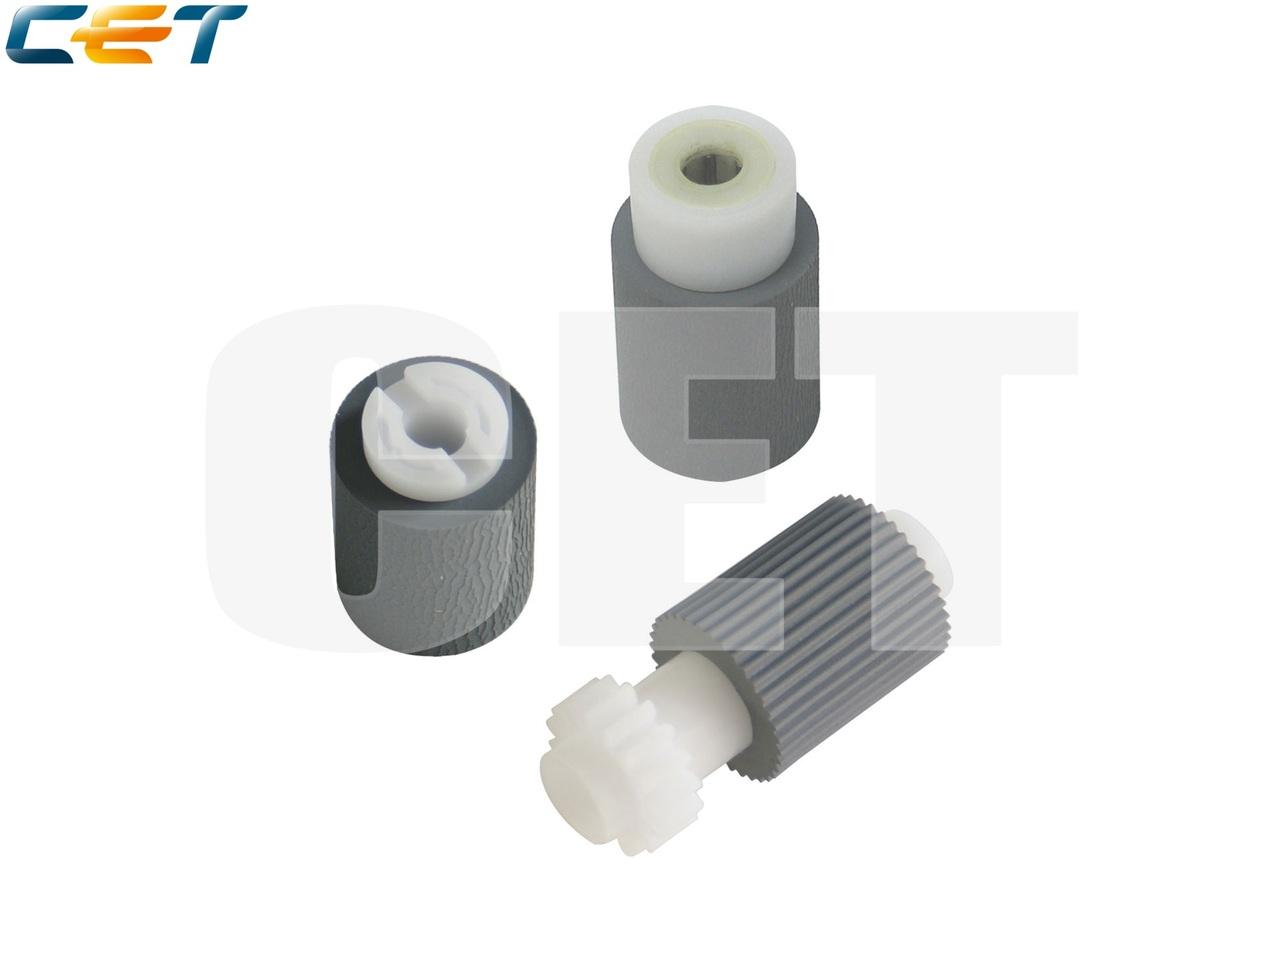 Комплект роликов 2AR07220, 2AR07230, 2AR07240 дляKYOCERAKM-1620/1650/2050/2550/635/2035/2530/3530/4030/3035/4035/5035 (CET), CET8856